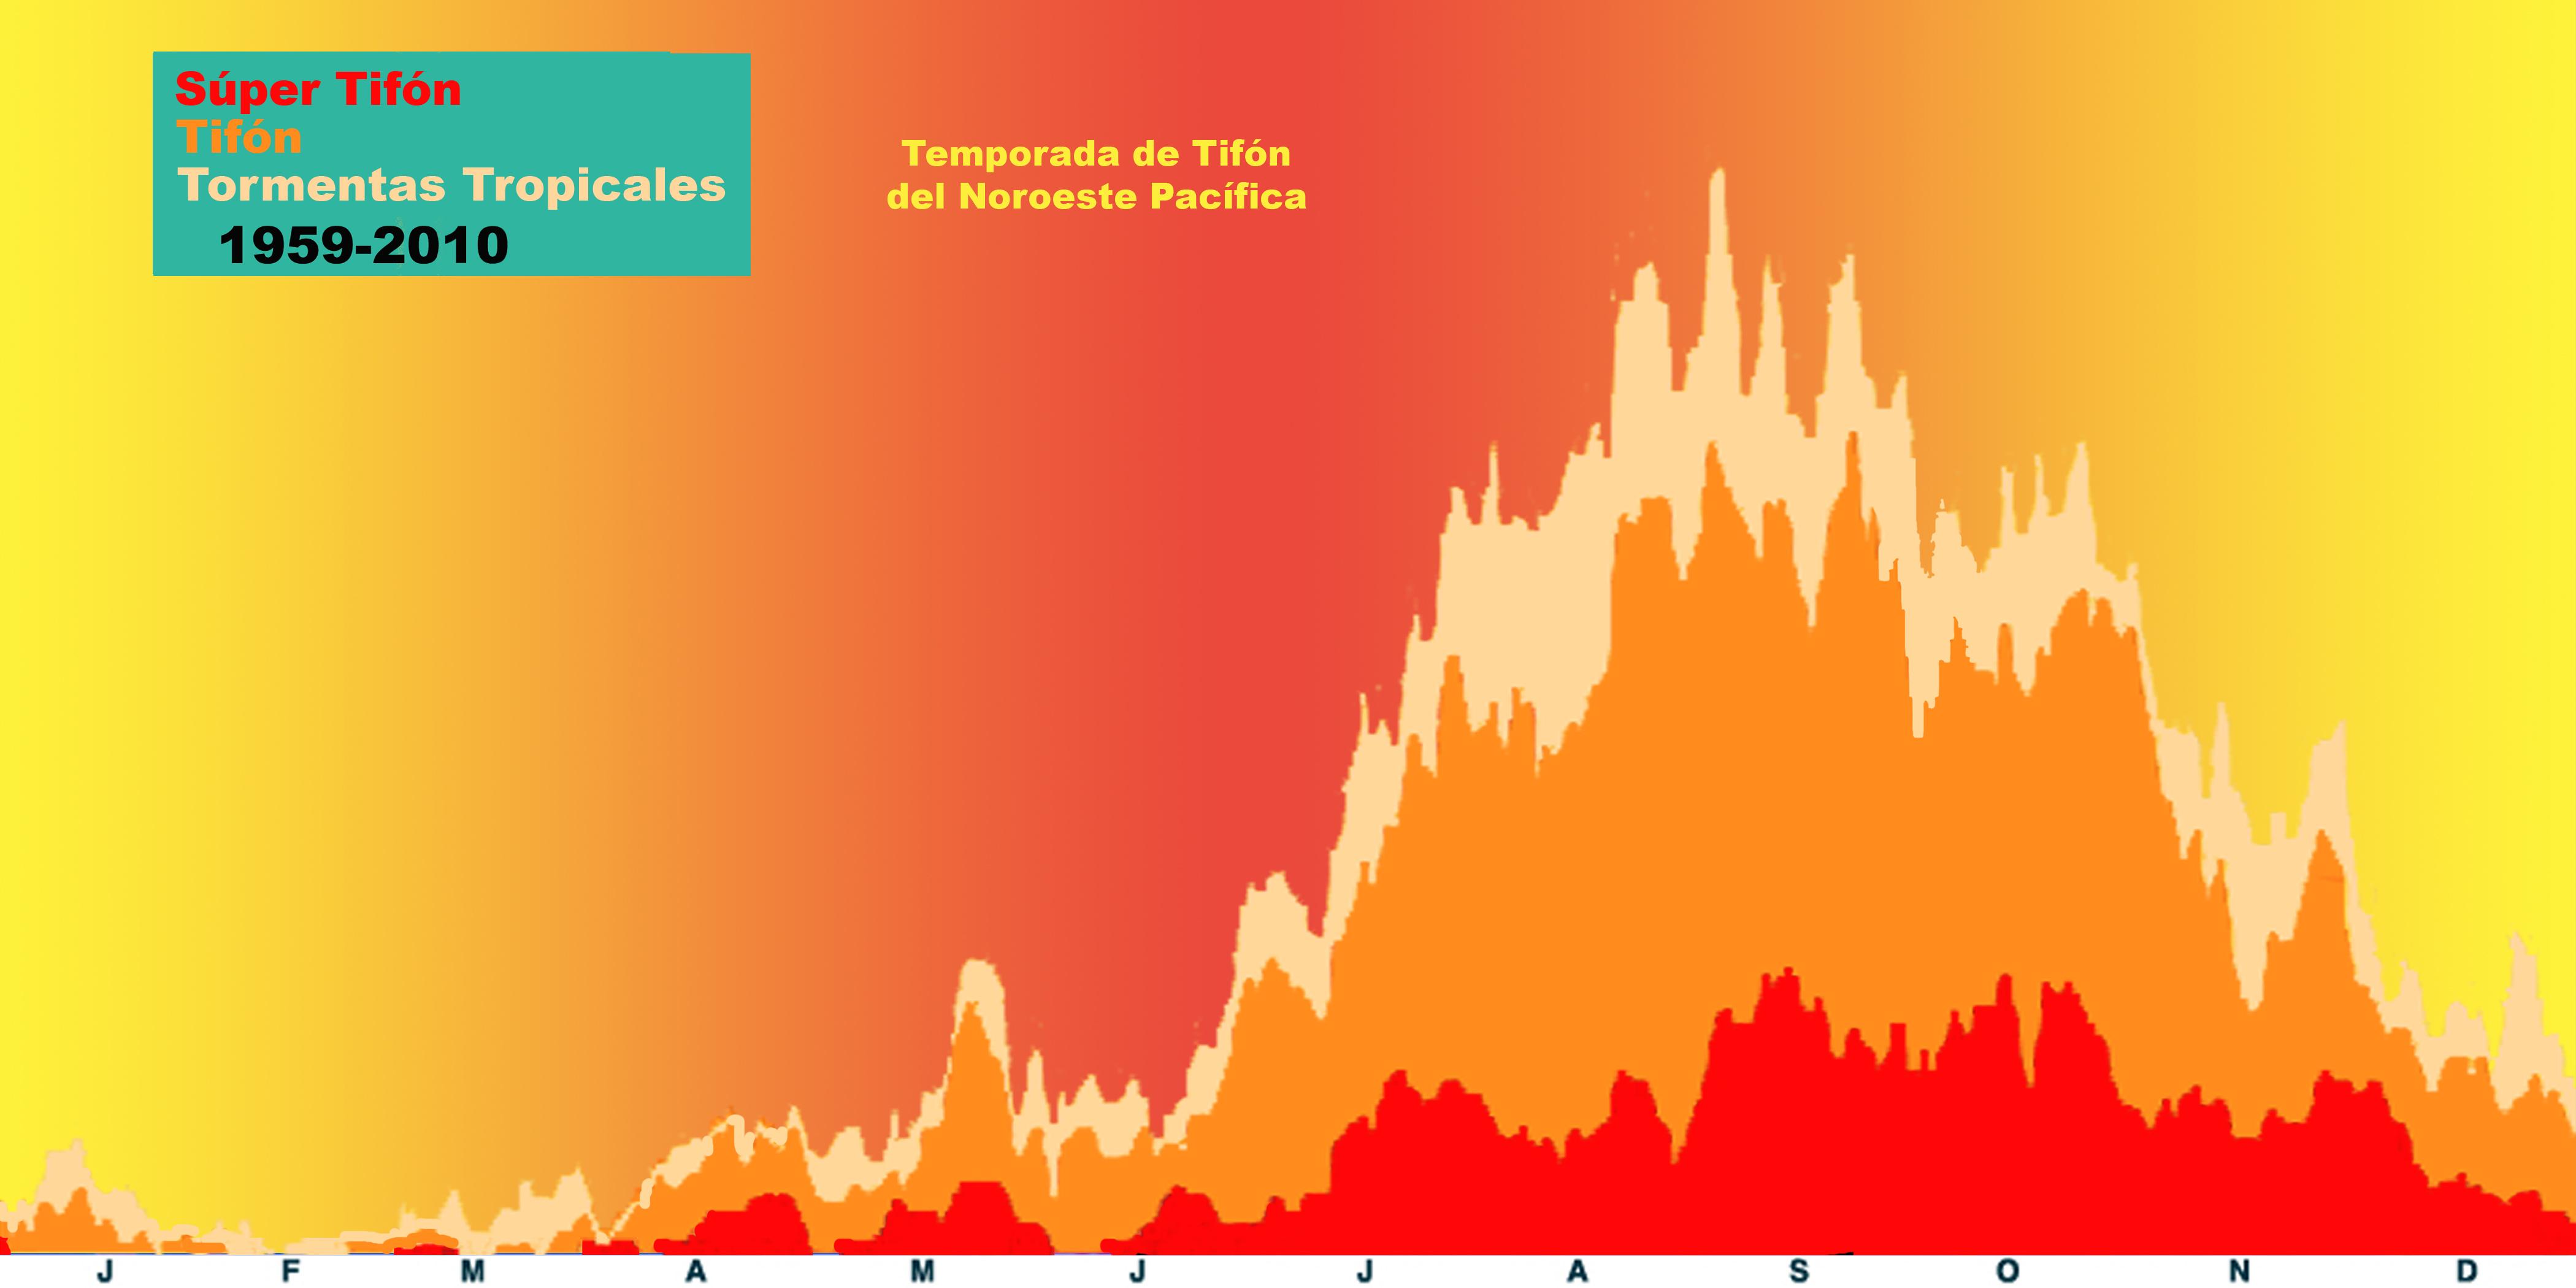 Temporada de tifón Noreste Pacífica. Periodo 1959-2010.